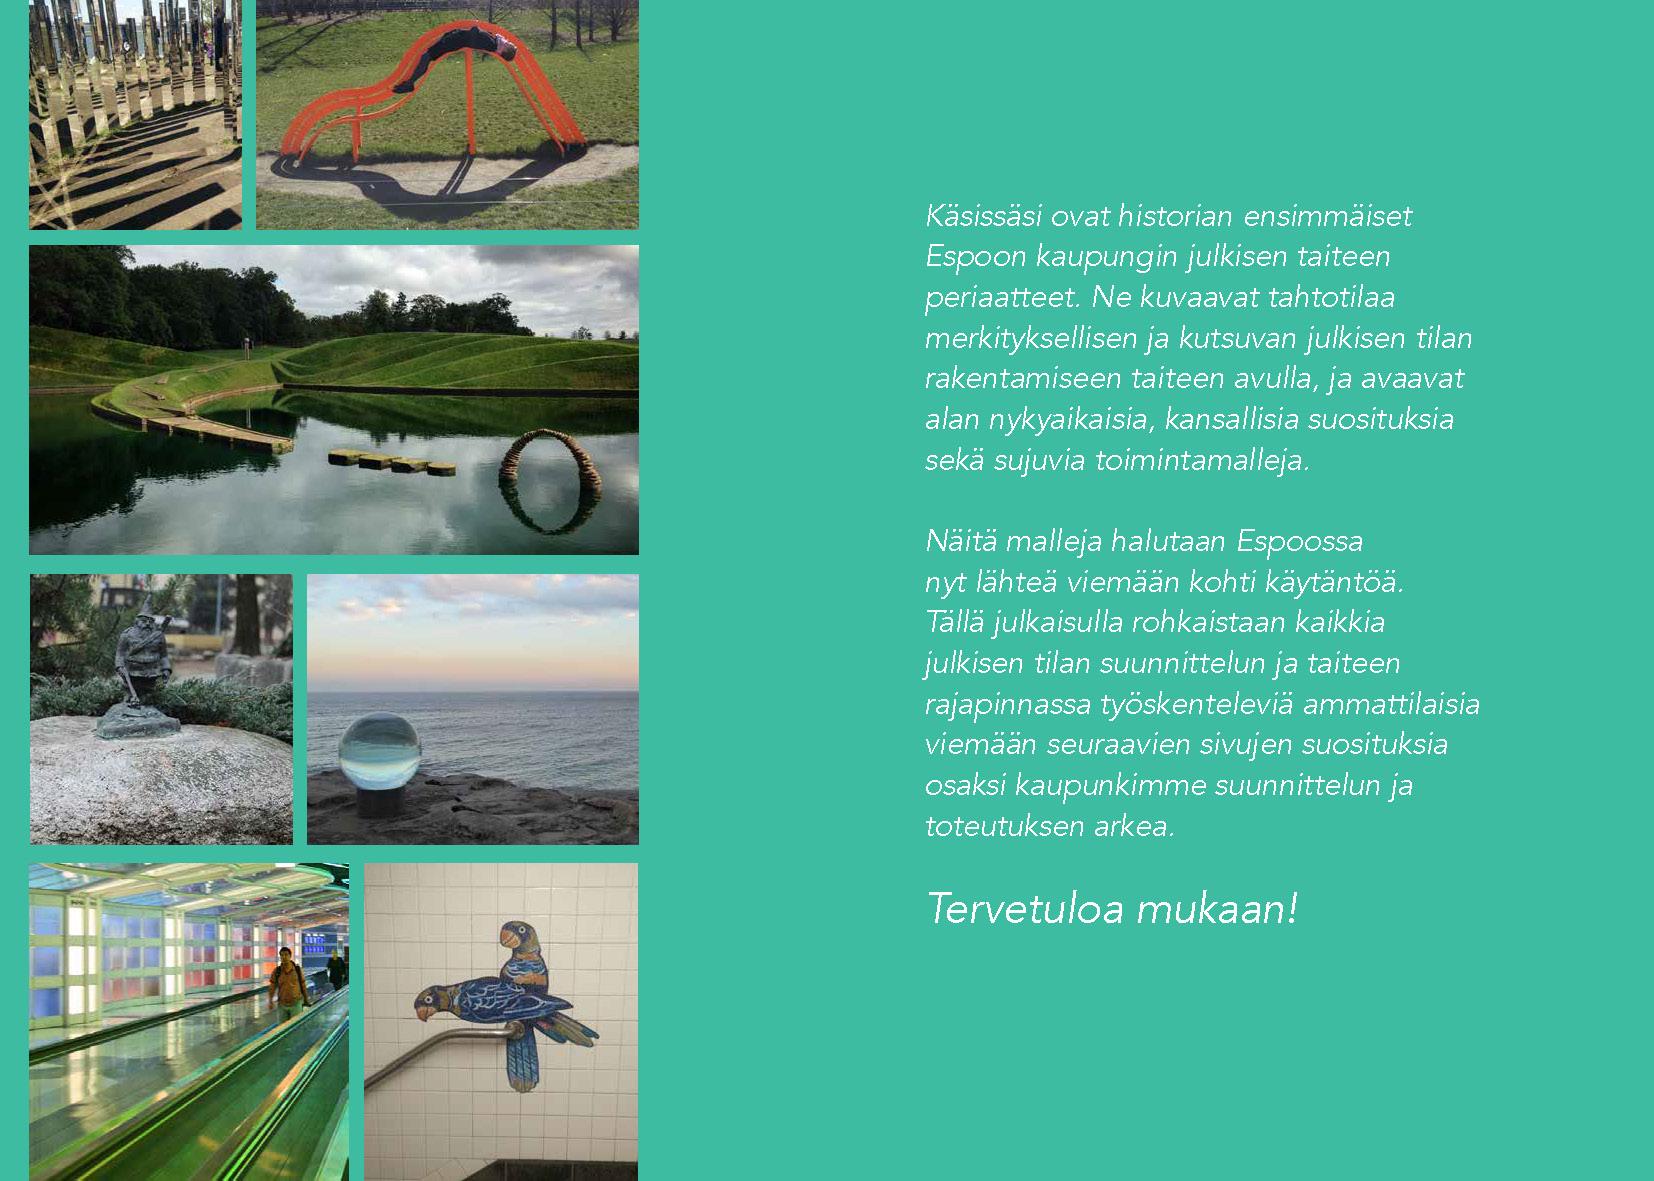 Espoon julkisen taiteen periaatteet_2019-5-3_WEB-koko_Page_02.jpg